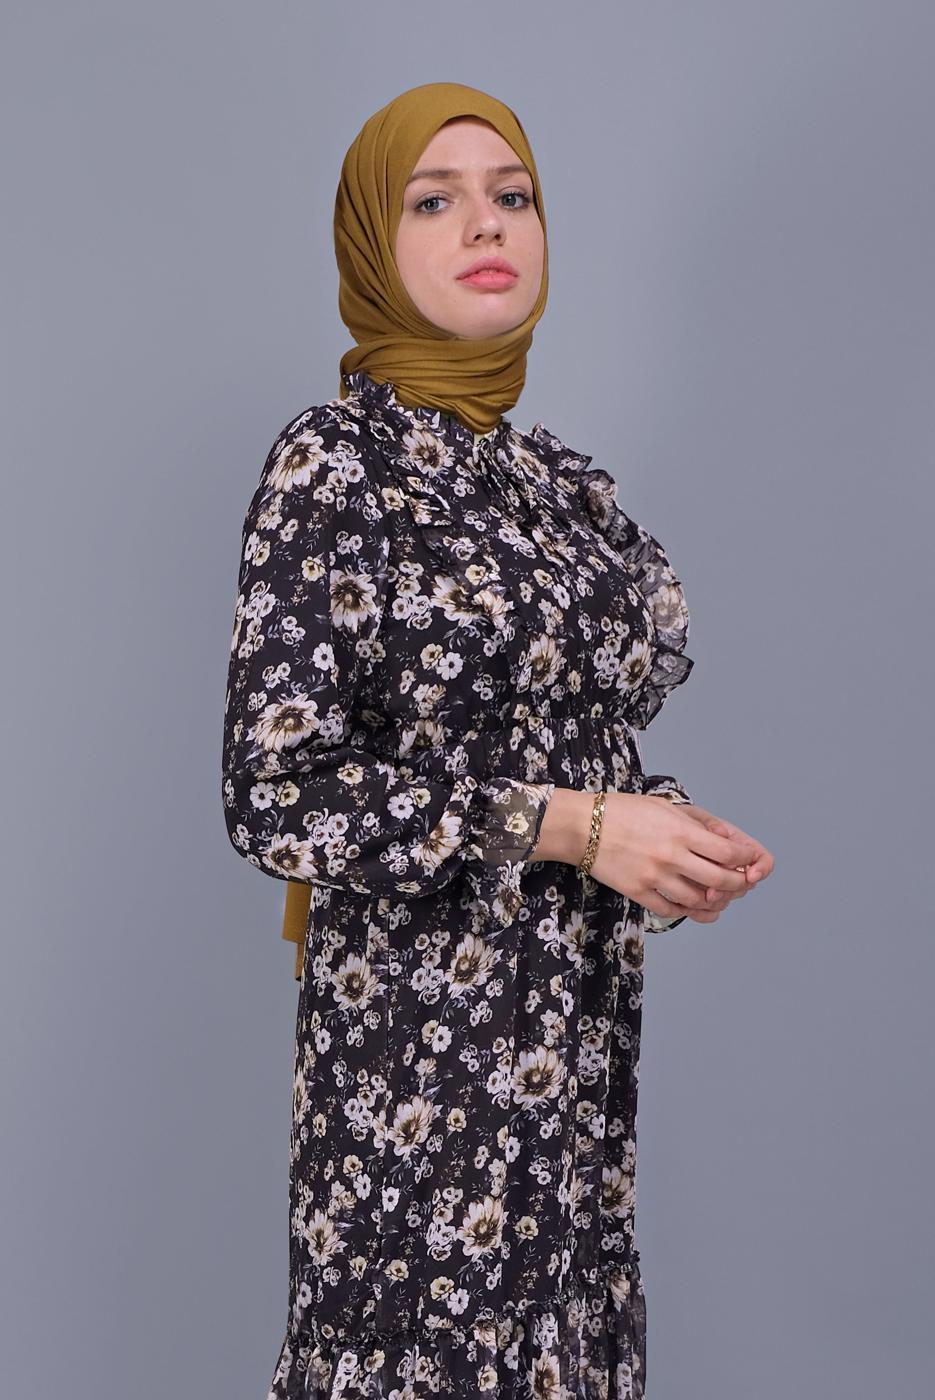 Female BLACK FLORAL DRESS 832